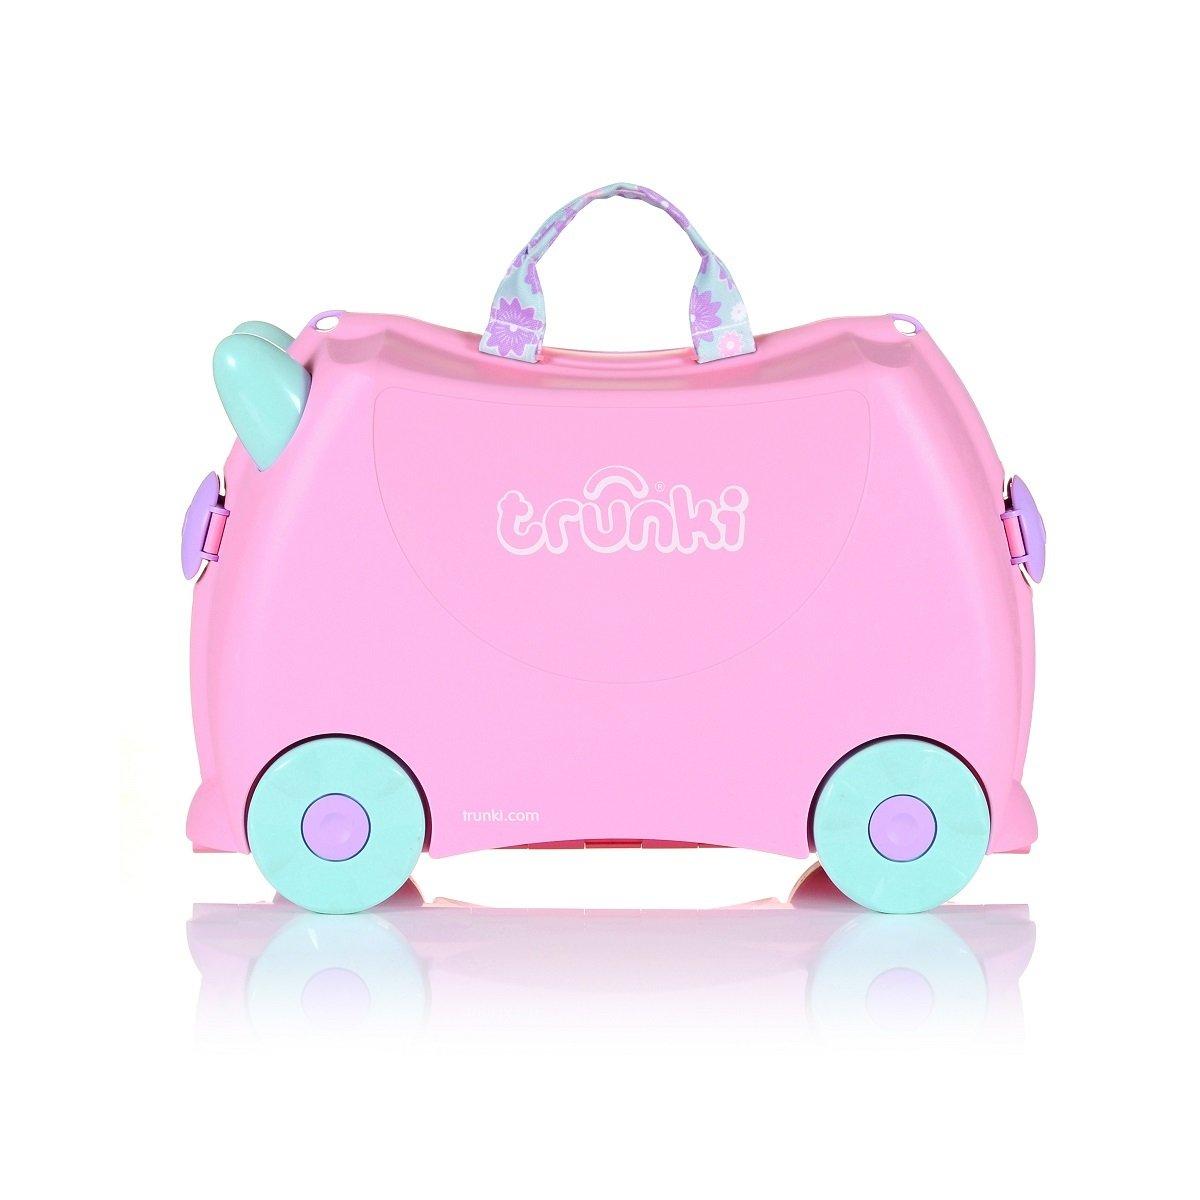 小朋友行李箱 - 露絲